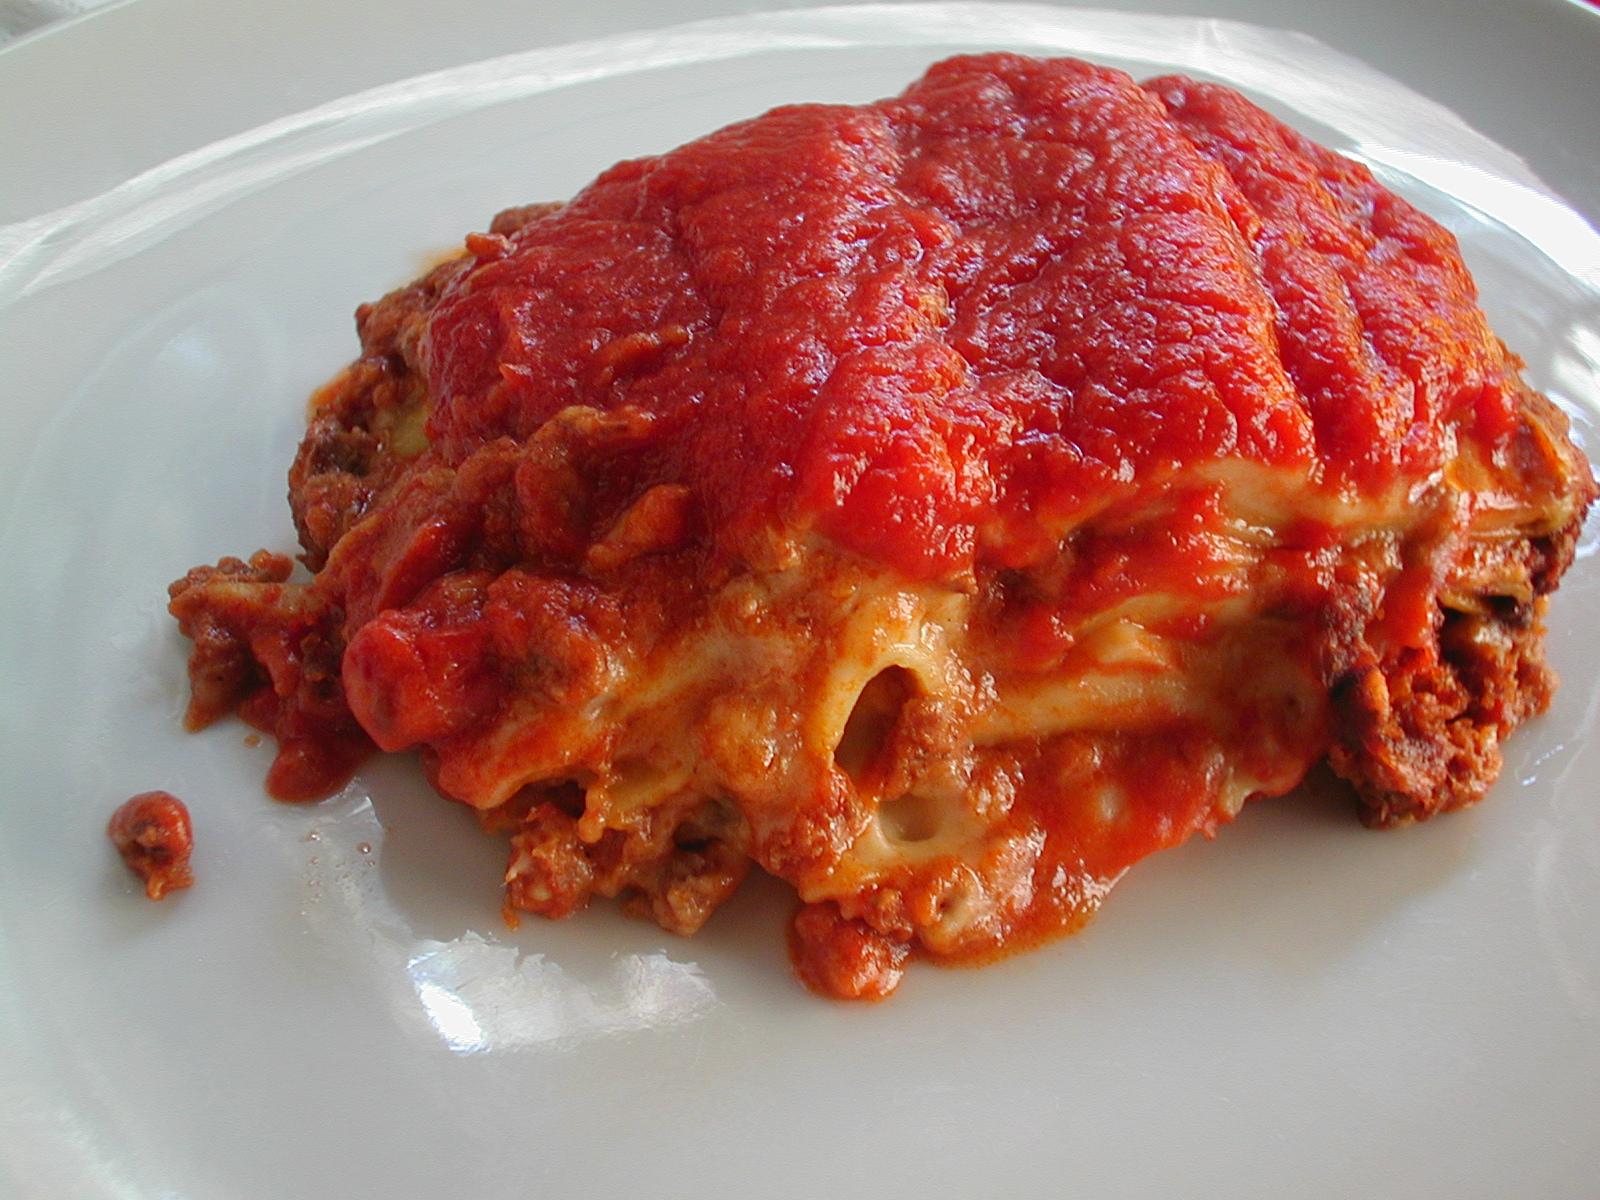 トマトソースを使ったパスタ料理